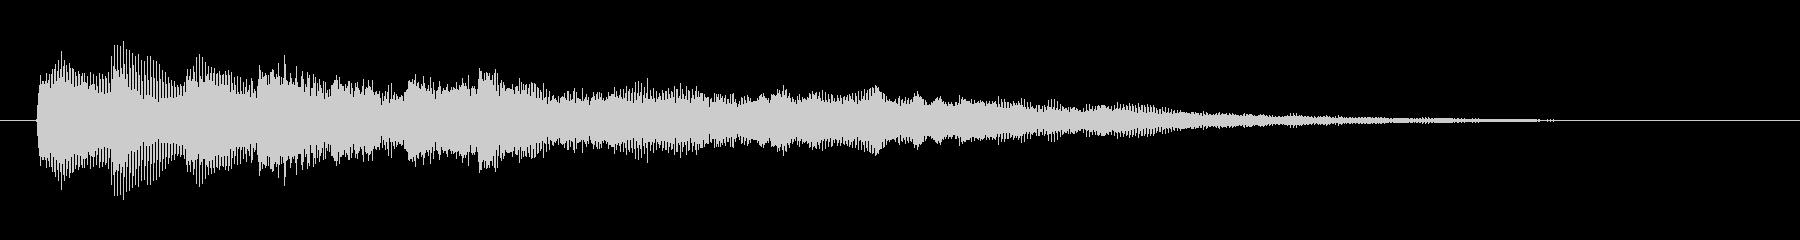 ピアノ&シンセのサウンドロゴ/ジングル1の未再生の波形